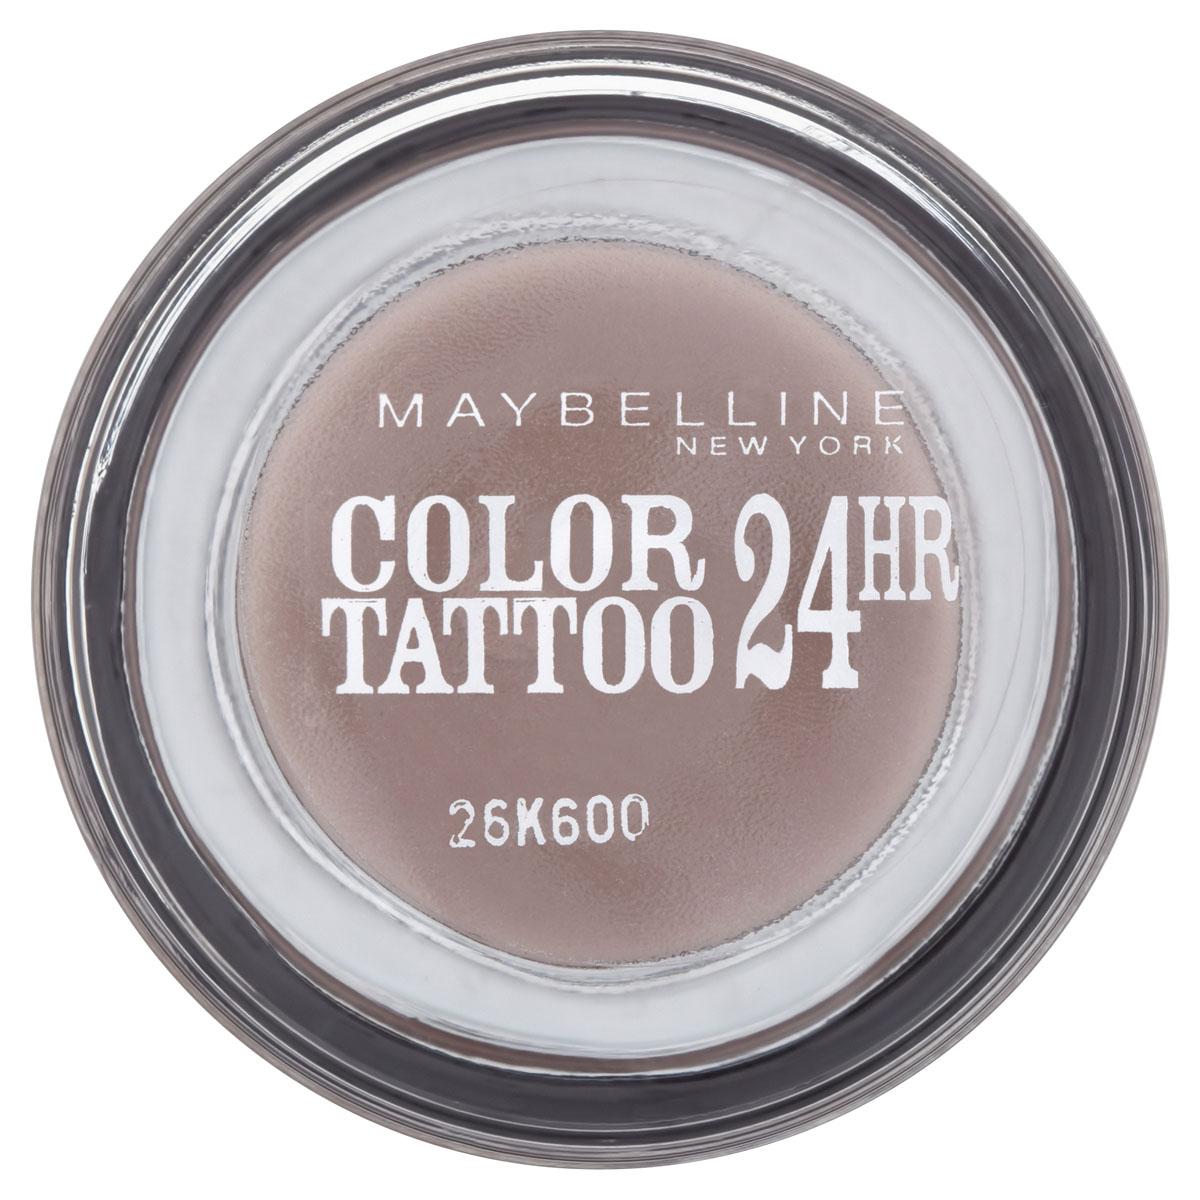 Maybelline New York Тени для век Color Tattoo 24 часа, оттенок 40, Долговечный коричневый, 4 млB1949700Осмелься на ультраяркий, самый стойкий цвет!Супернасыщенные крем-гелевые тени с технологией тату-пигментов. Насыщенные, устойчивые тениMaybelline Color Tattoo 24 часа предназначены для дневного и вечернего макияжа. Тени словно татуировка надежно закрепляются на коже, не боятся влаги, не скатываются и не размазываются, даже если потереть глаза рукой. Товар сертифицирован.